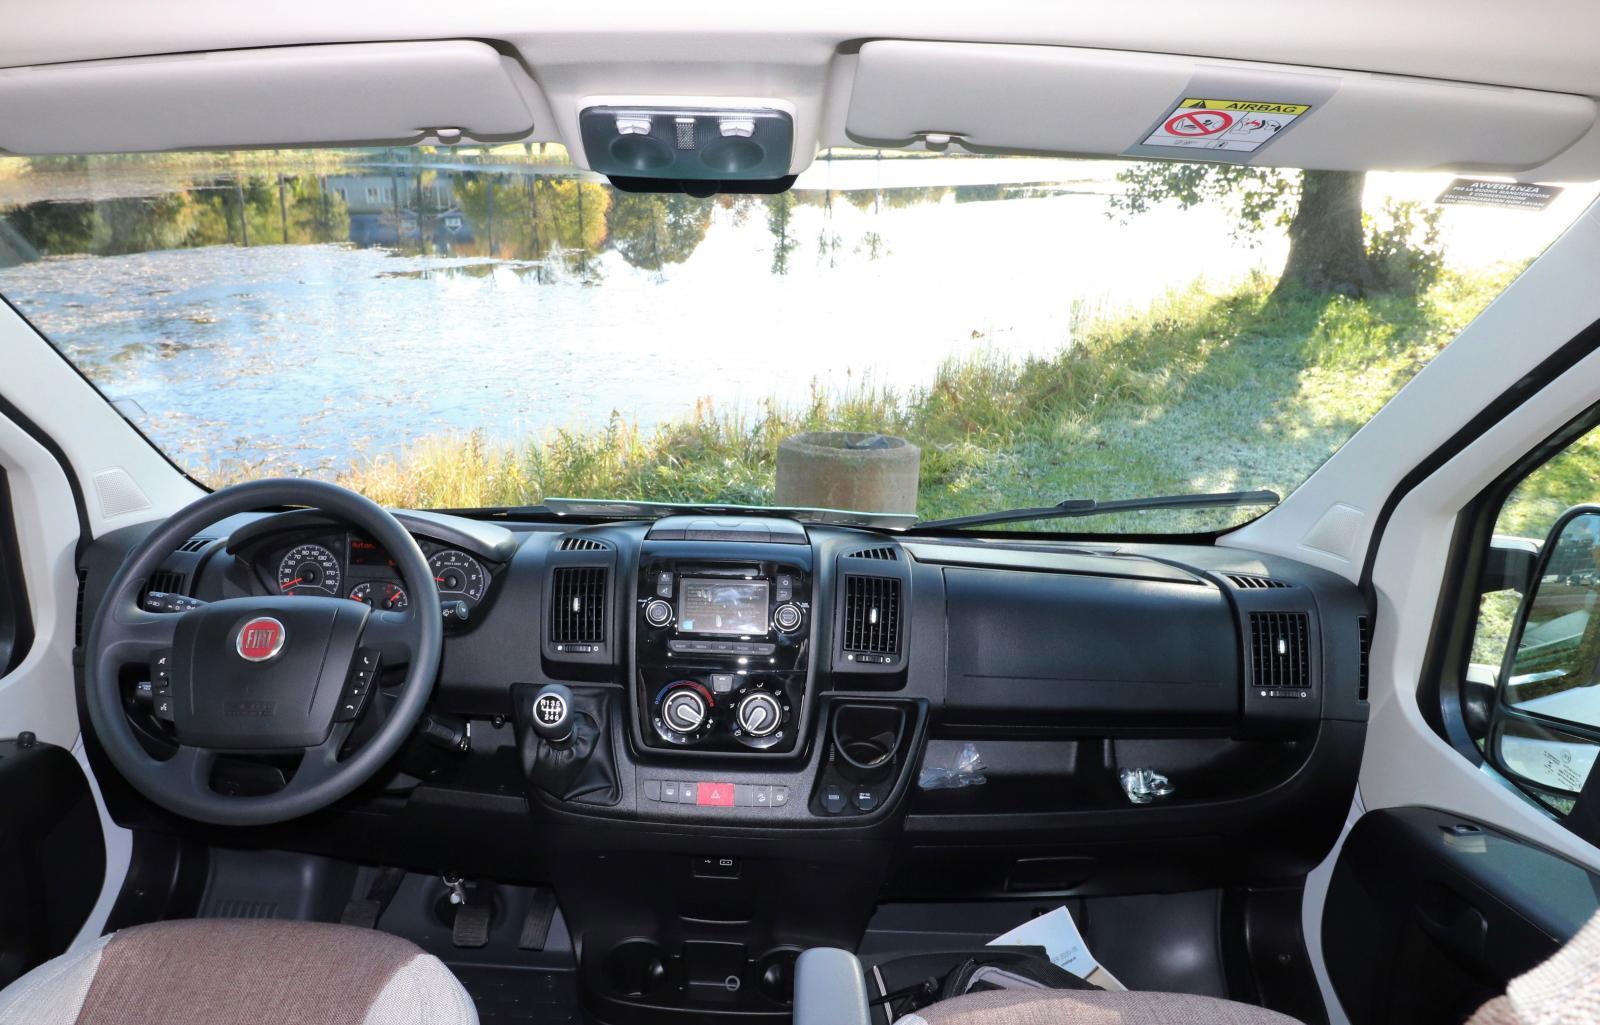 Förarmiljön känns igen från andra baserade på Fiat Ducato. Notera nya automatspaken.